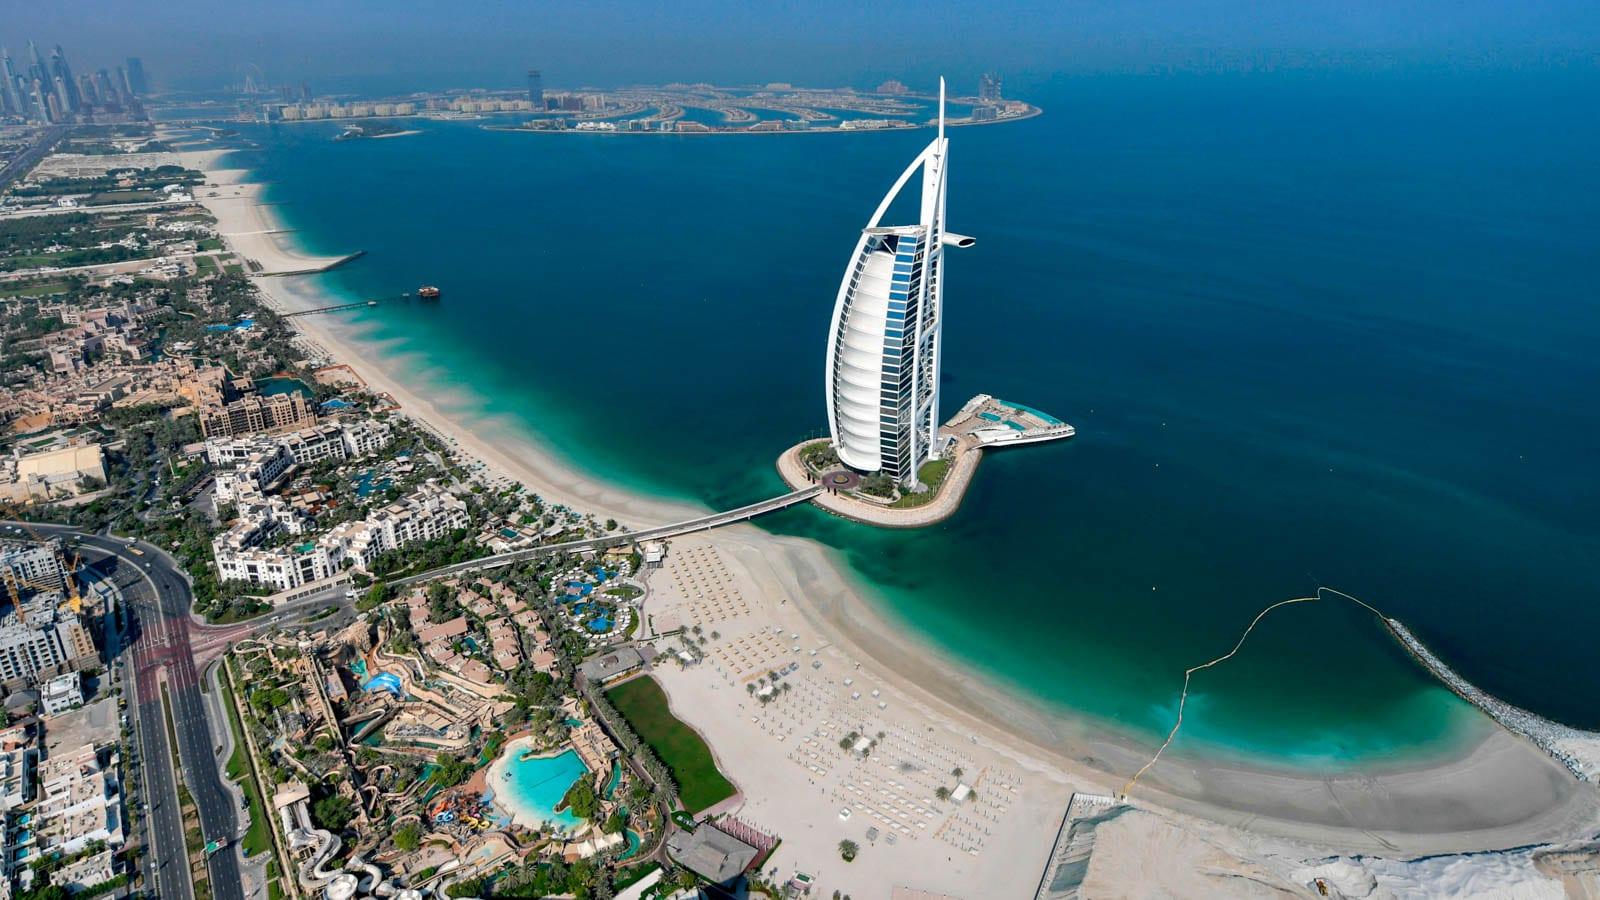 تقرير بريطاني: الشرطة الإسرائيلية ستعمل بشكل دائم من الإمارات